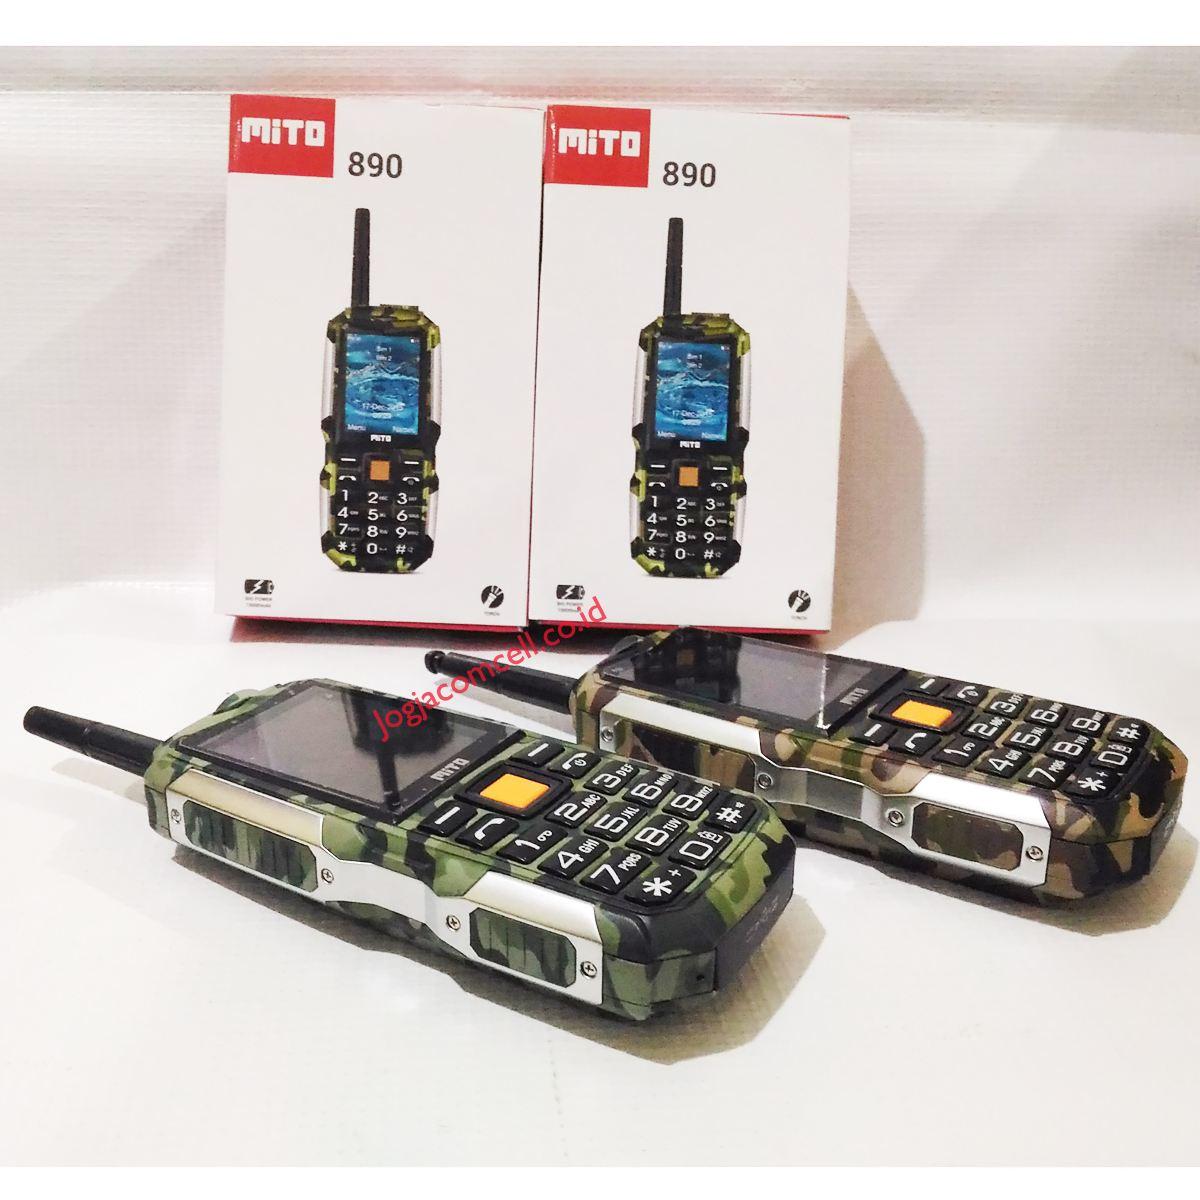 Mito890 hp outdoor + powerbank